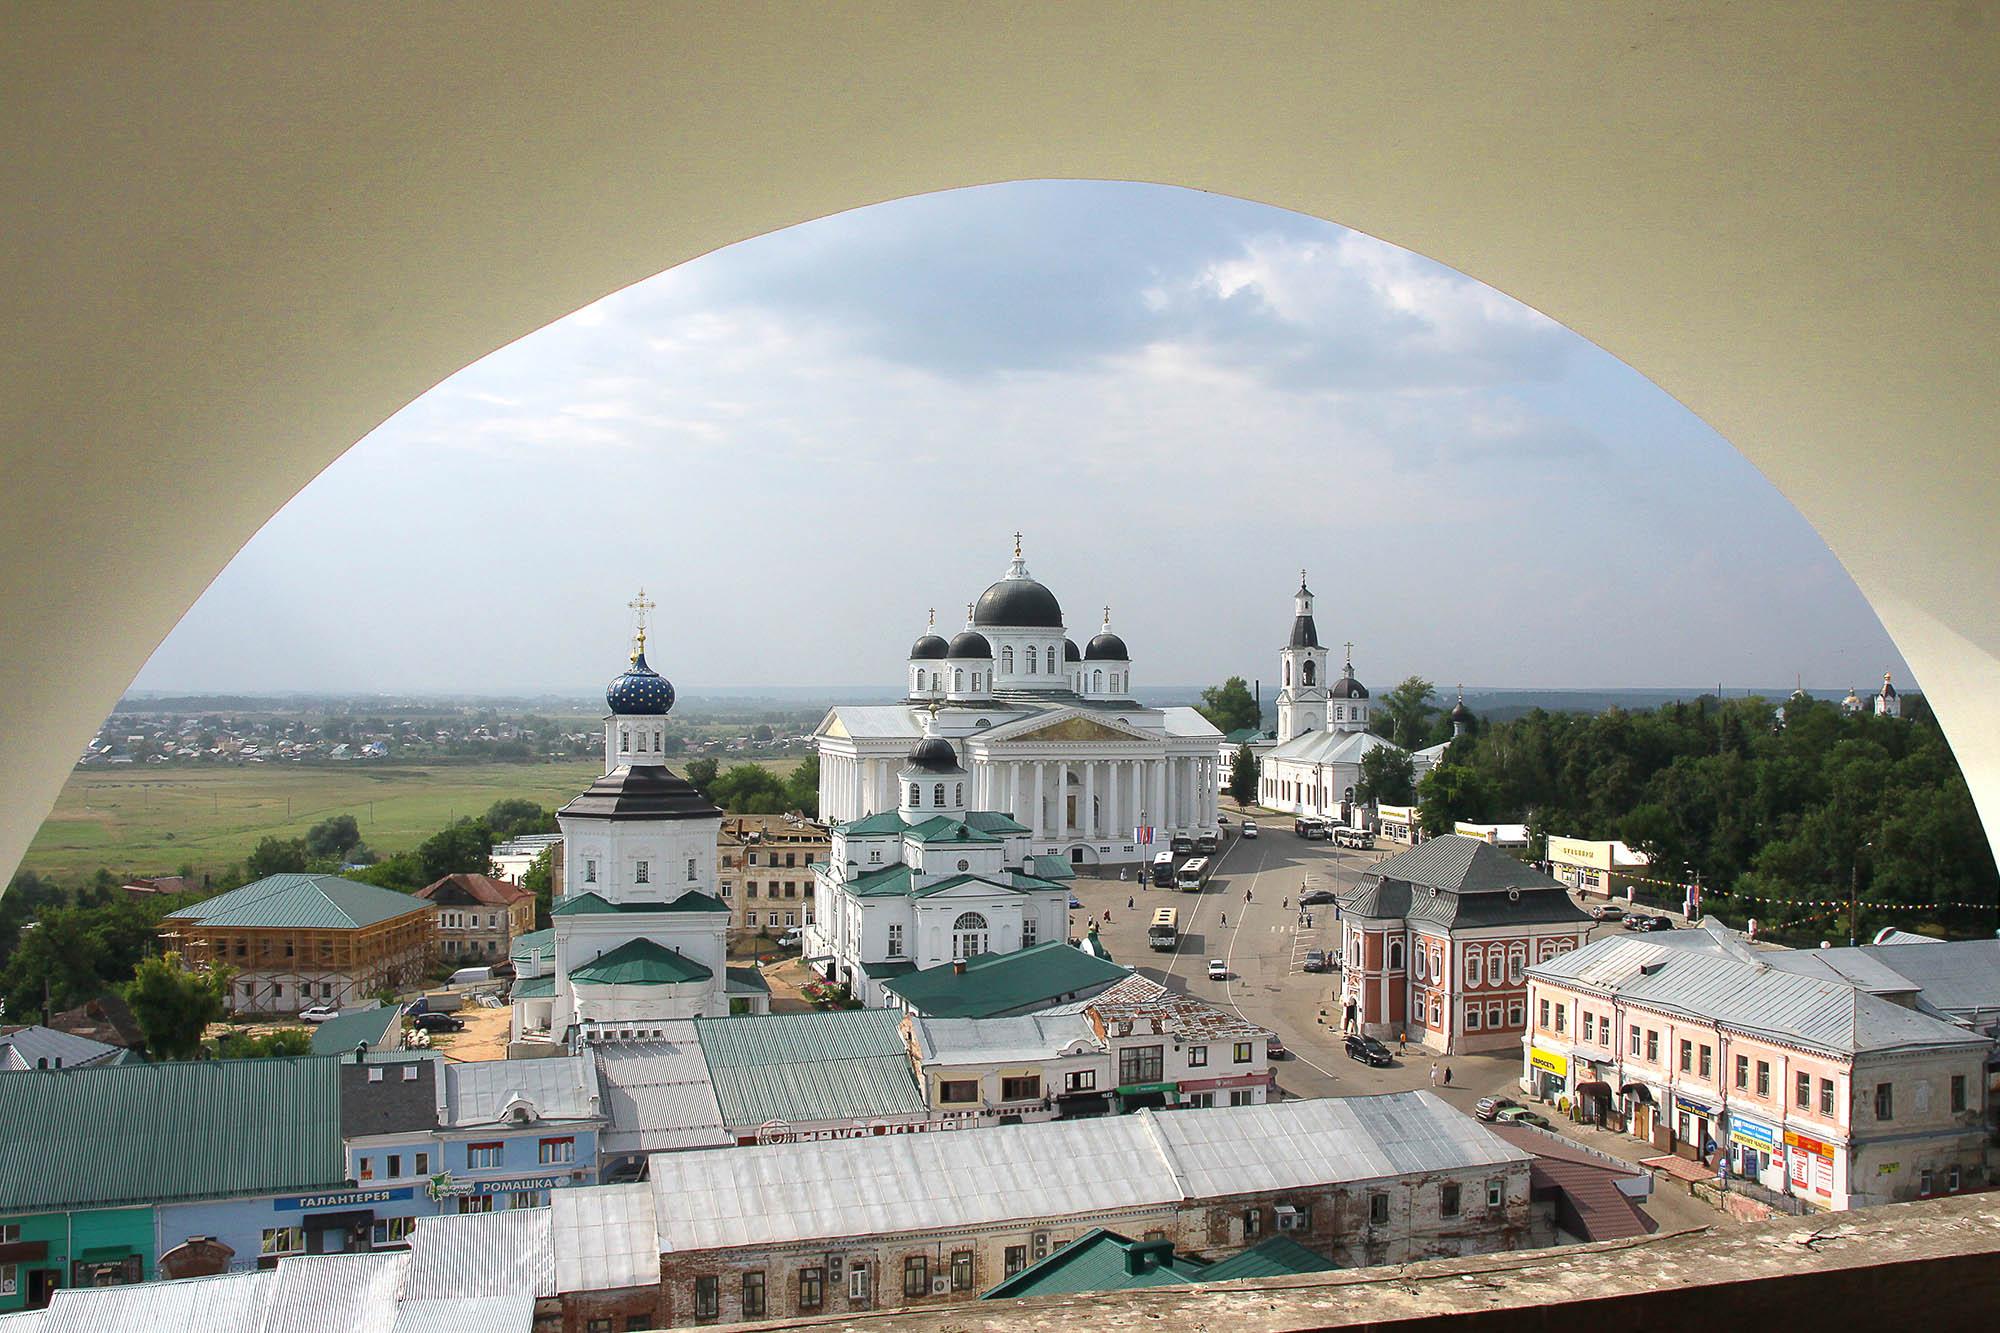 Ростуризм запустил конкурс на грантовую поддержку проектов в сфере туризма